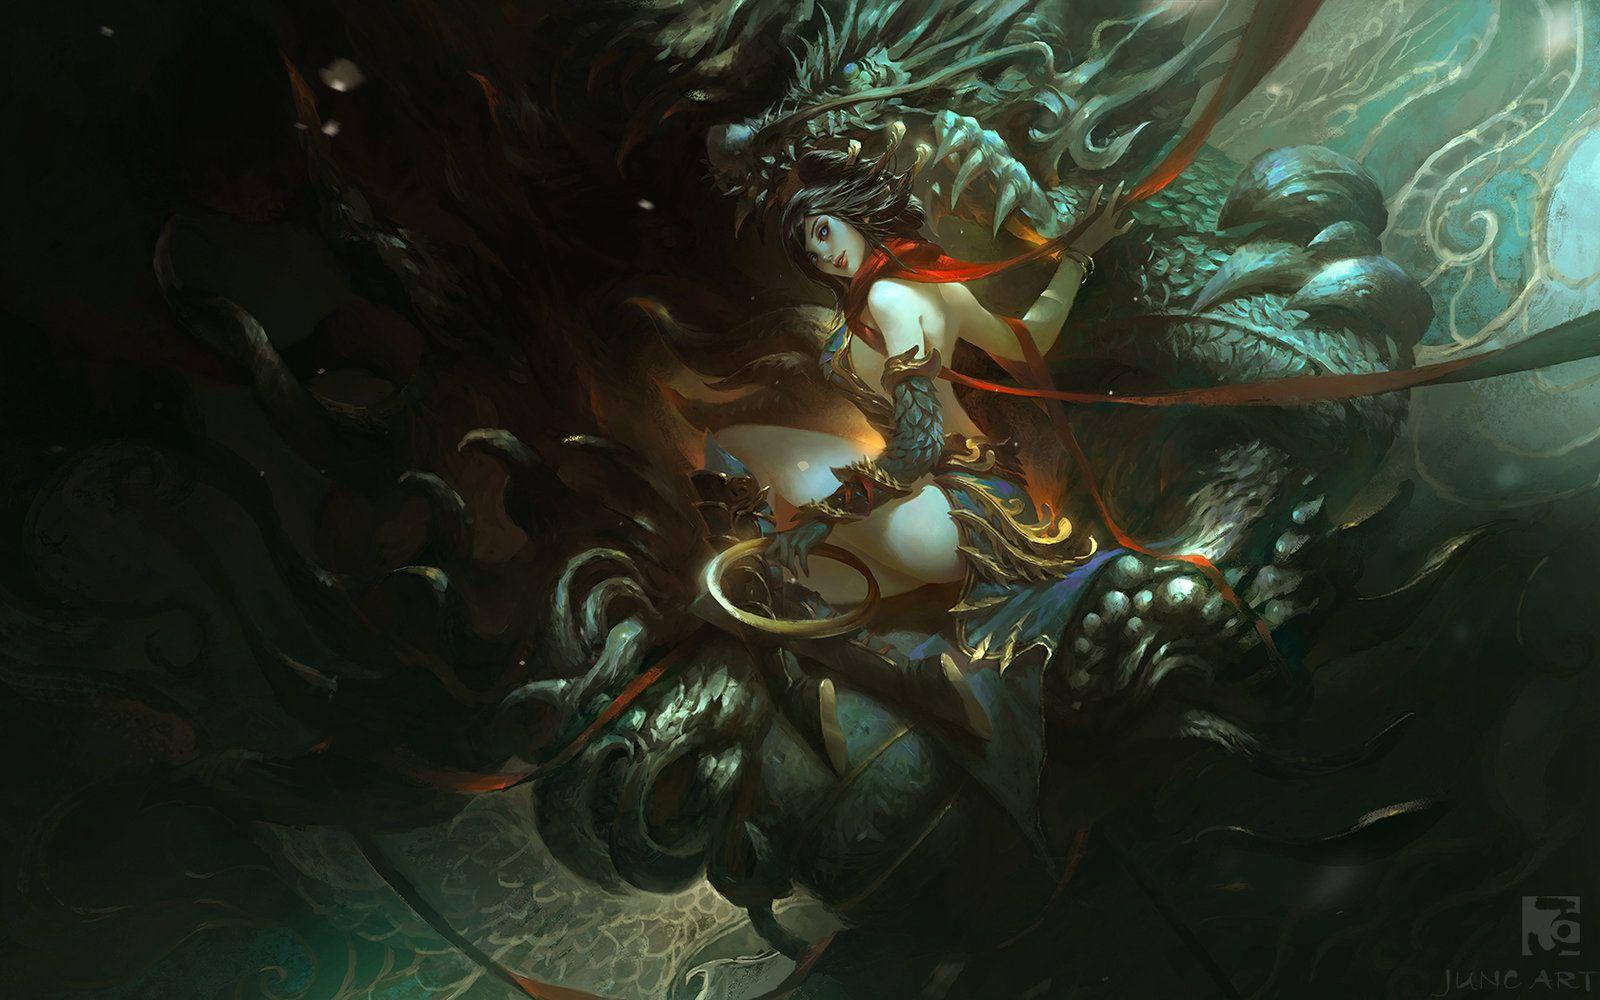 Dragon vein, Wenjun Lin on ArtStation at https://www.artstation.com/artwork/dragon-vein-9739ec9e-4af0-41c9-862c-7fe15c32bf97